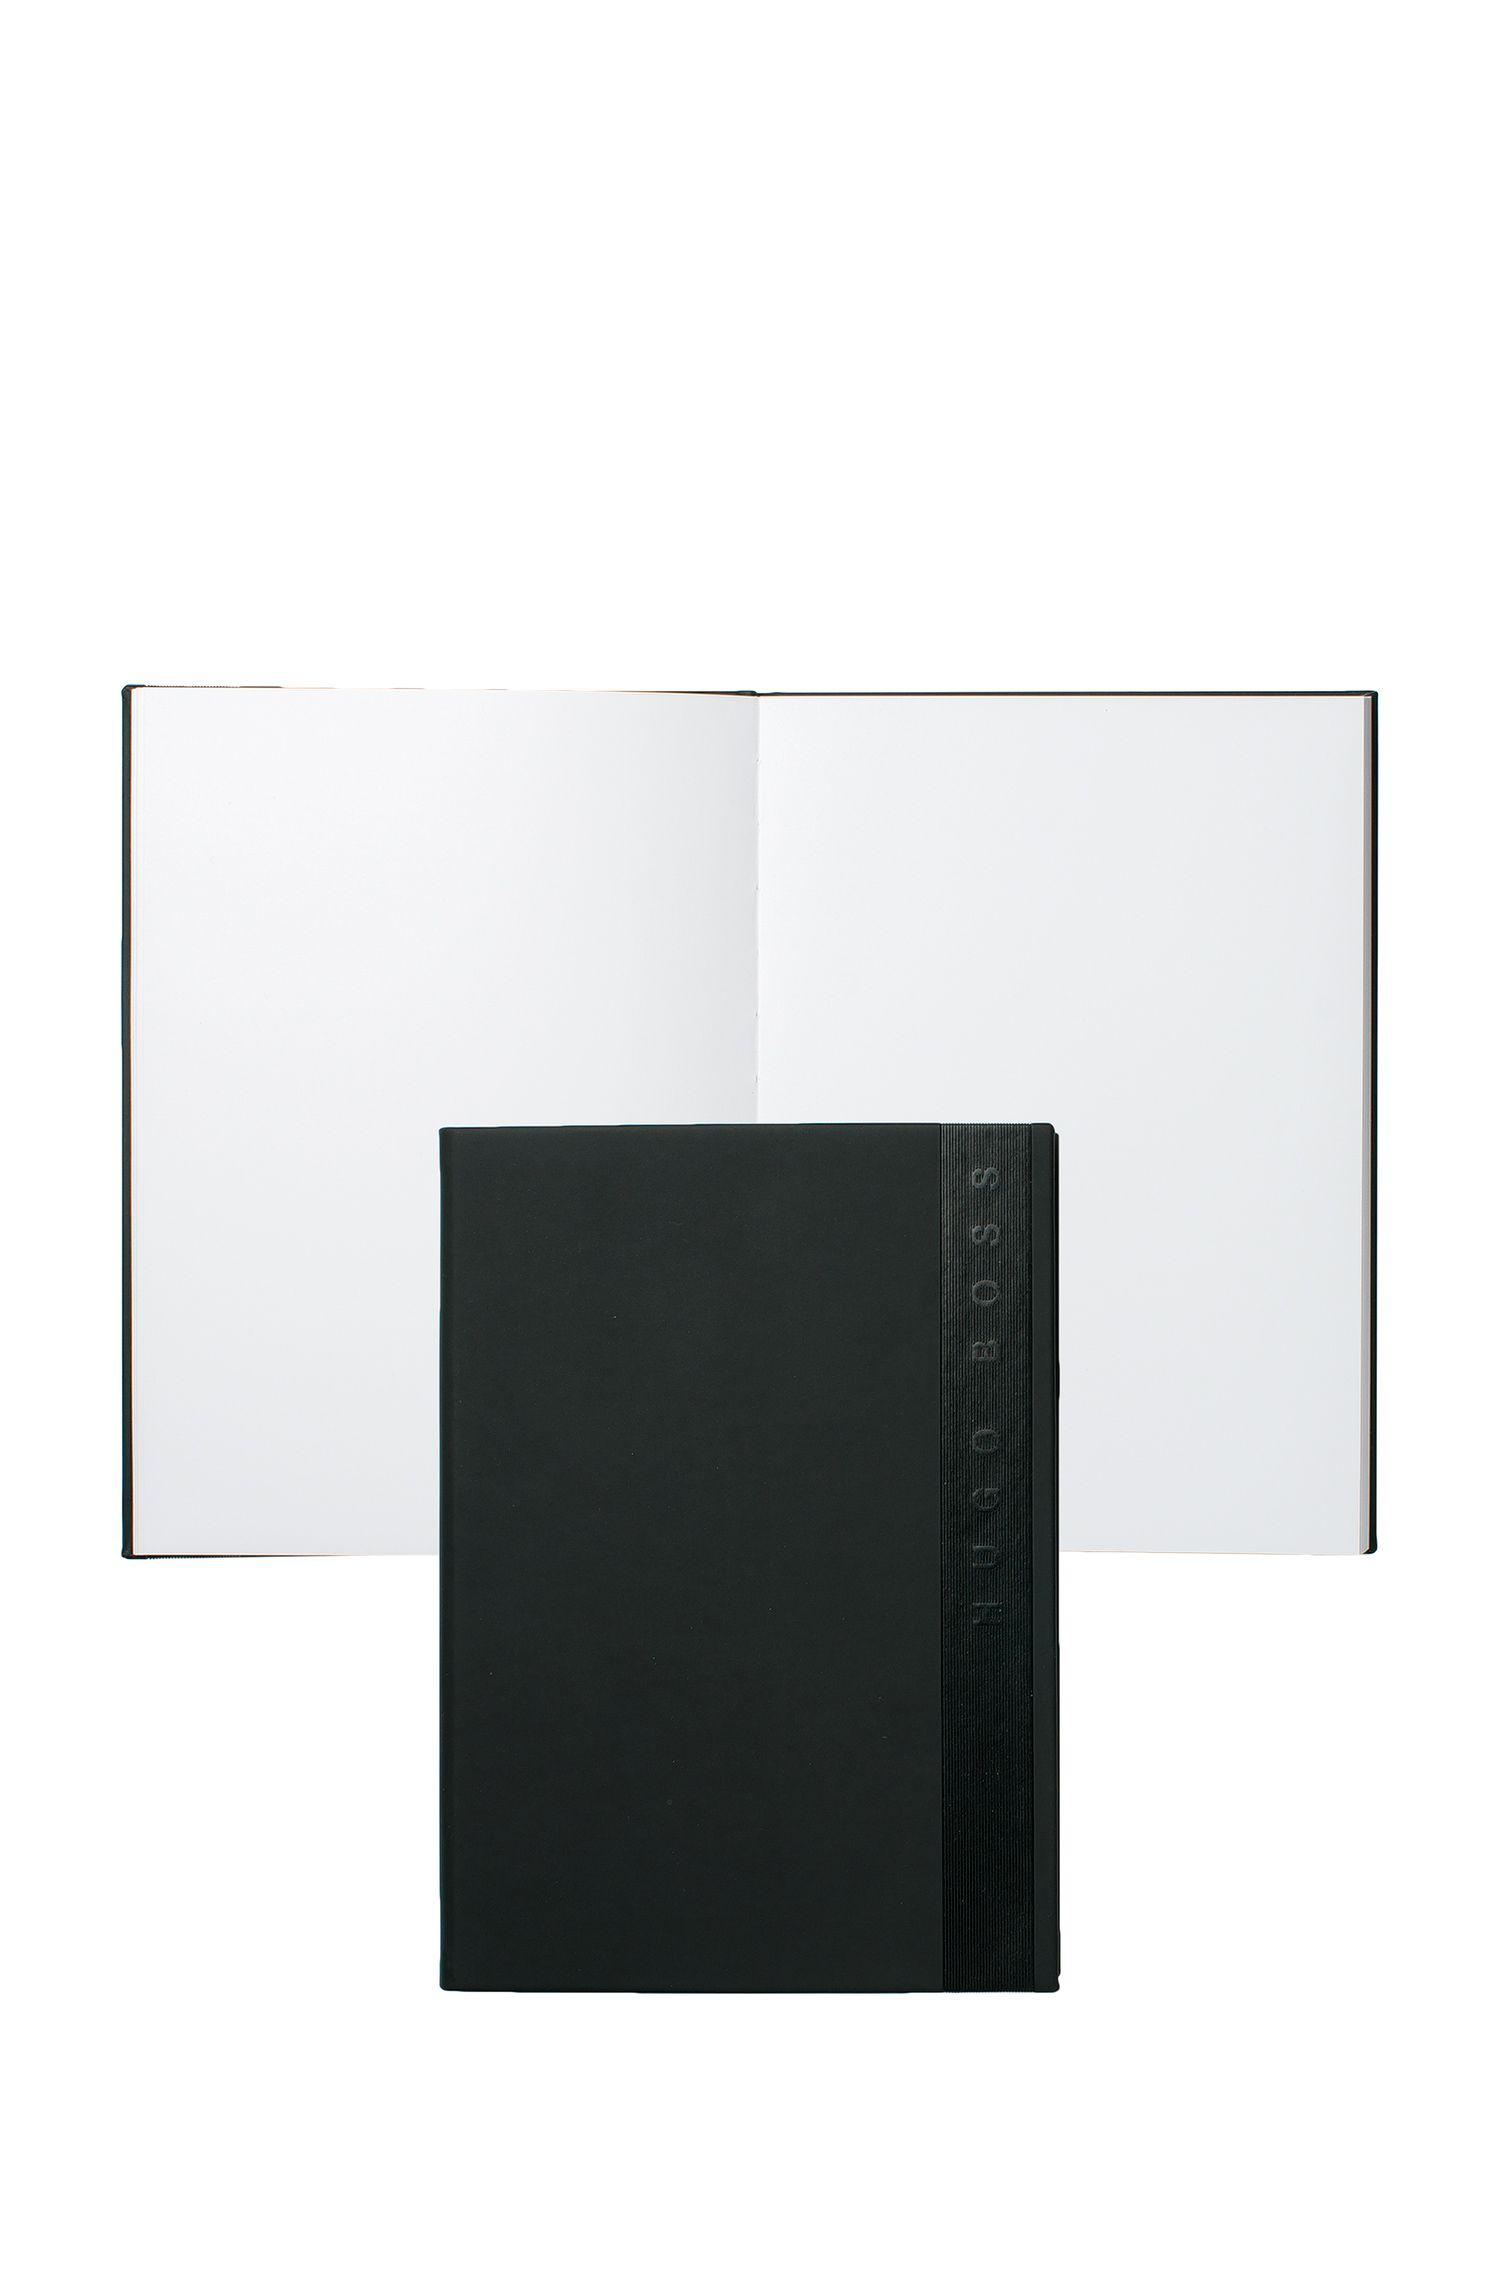 Taccuino A5 in similpelle nera con logo verticale, Nero